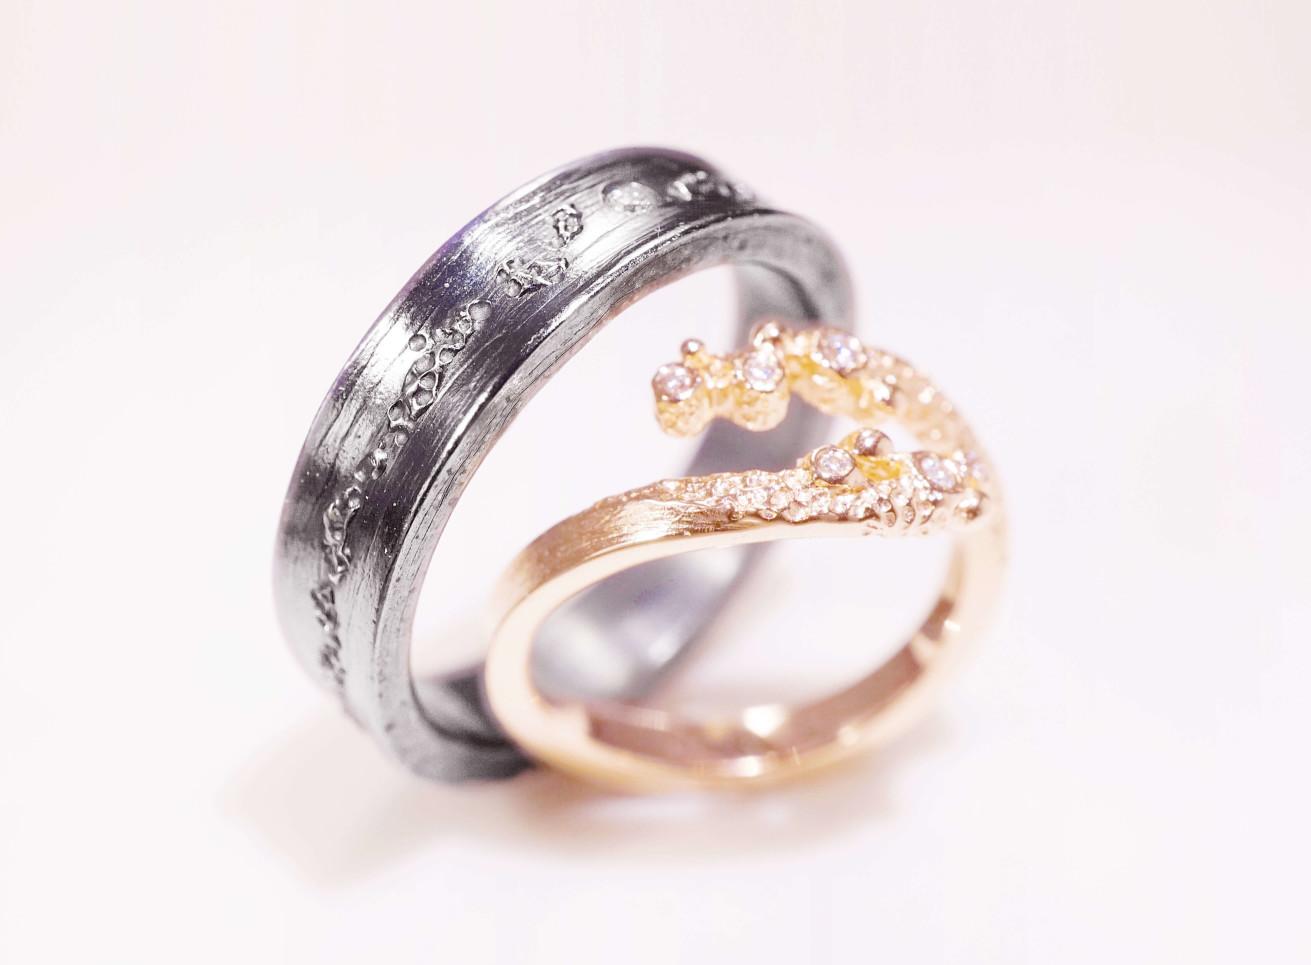 Chia Jewelry客製化對戒推薦|訂製婚戒品牌|結婚對戒設計|簡約婚戒